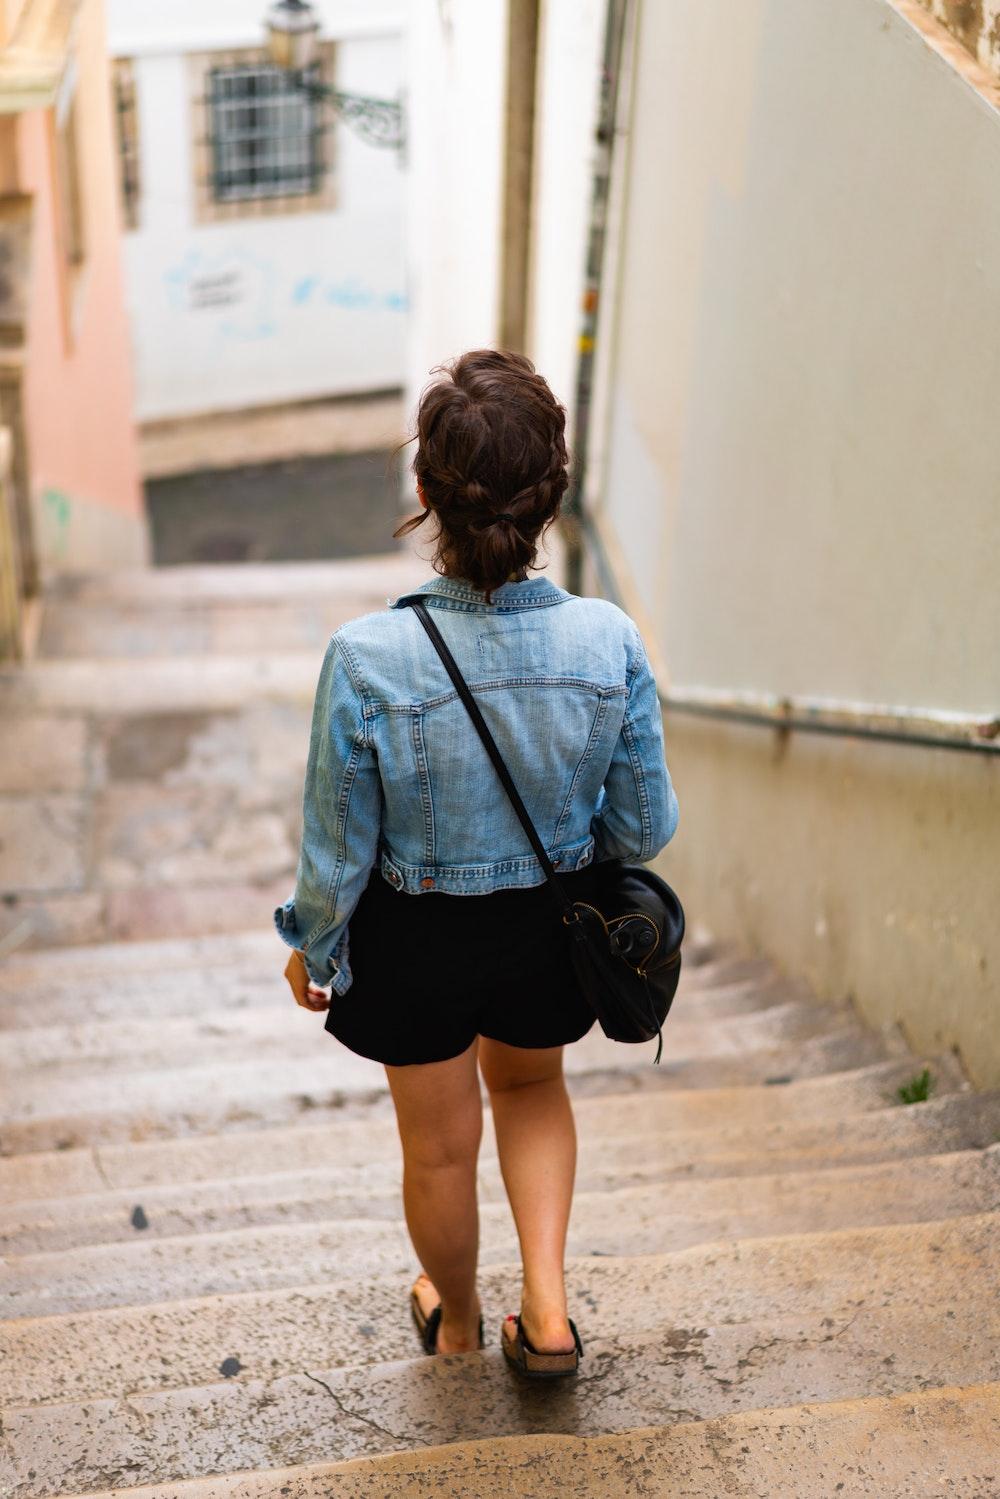 Girl walking on stairs in the Alfama neighborhood in Lisbon